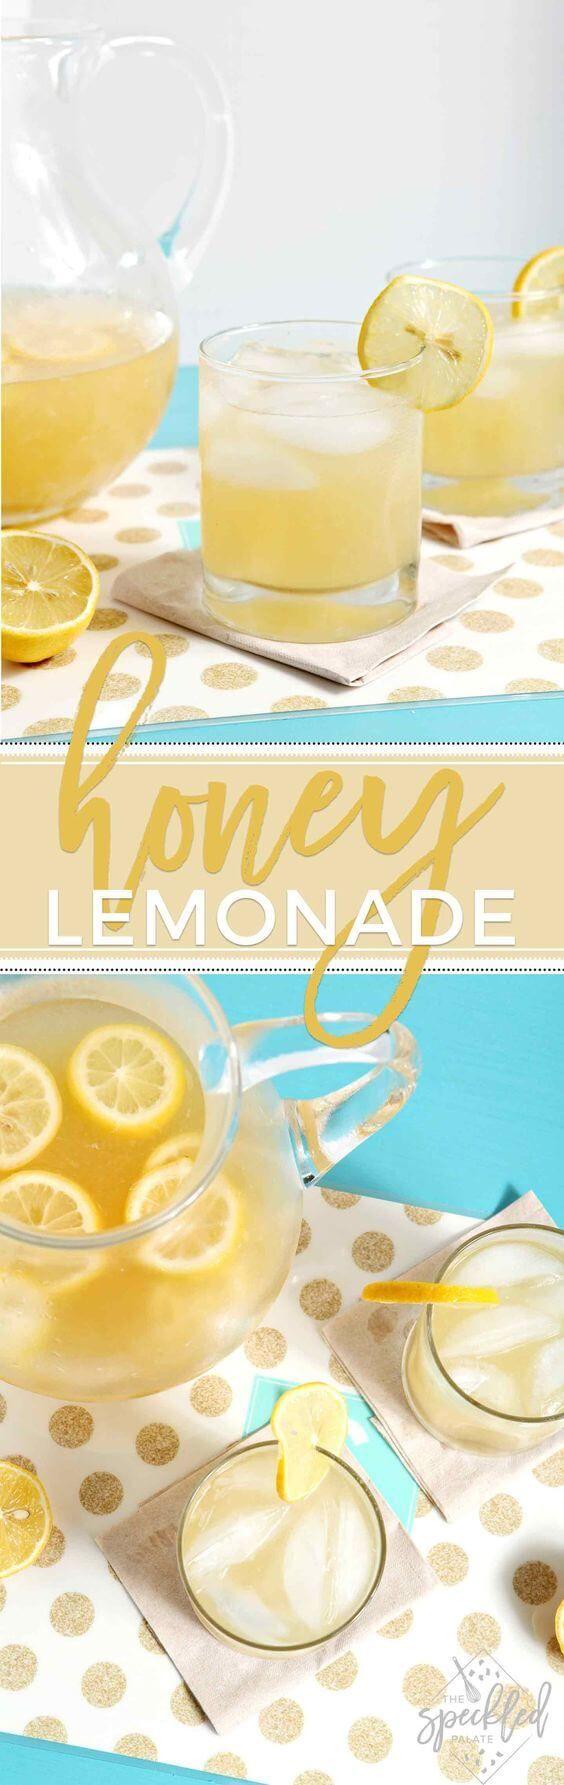 Honey Lemonade http://juicerblendercenter.com/how-to-find-the-best-fruit-and-vegetable-juicer/